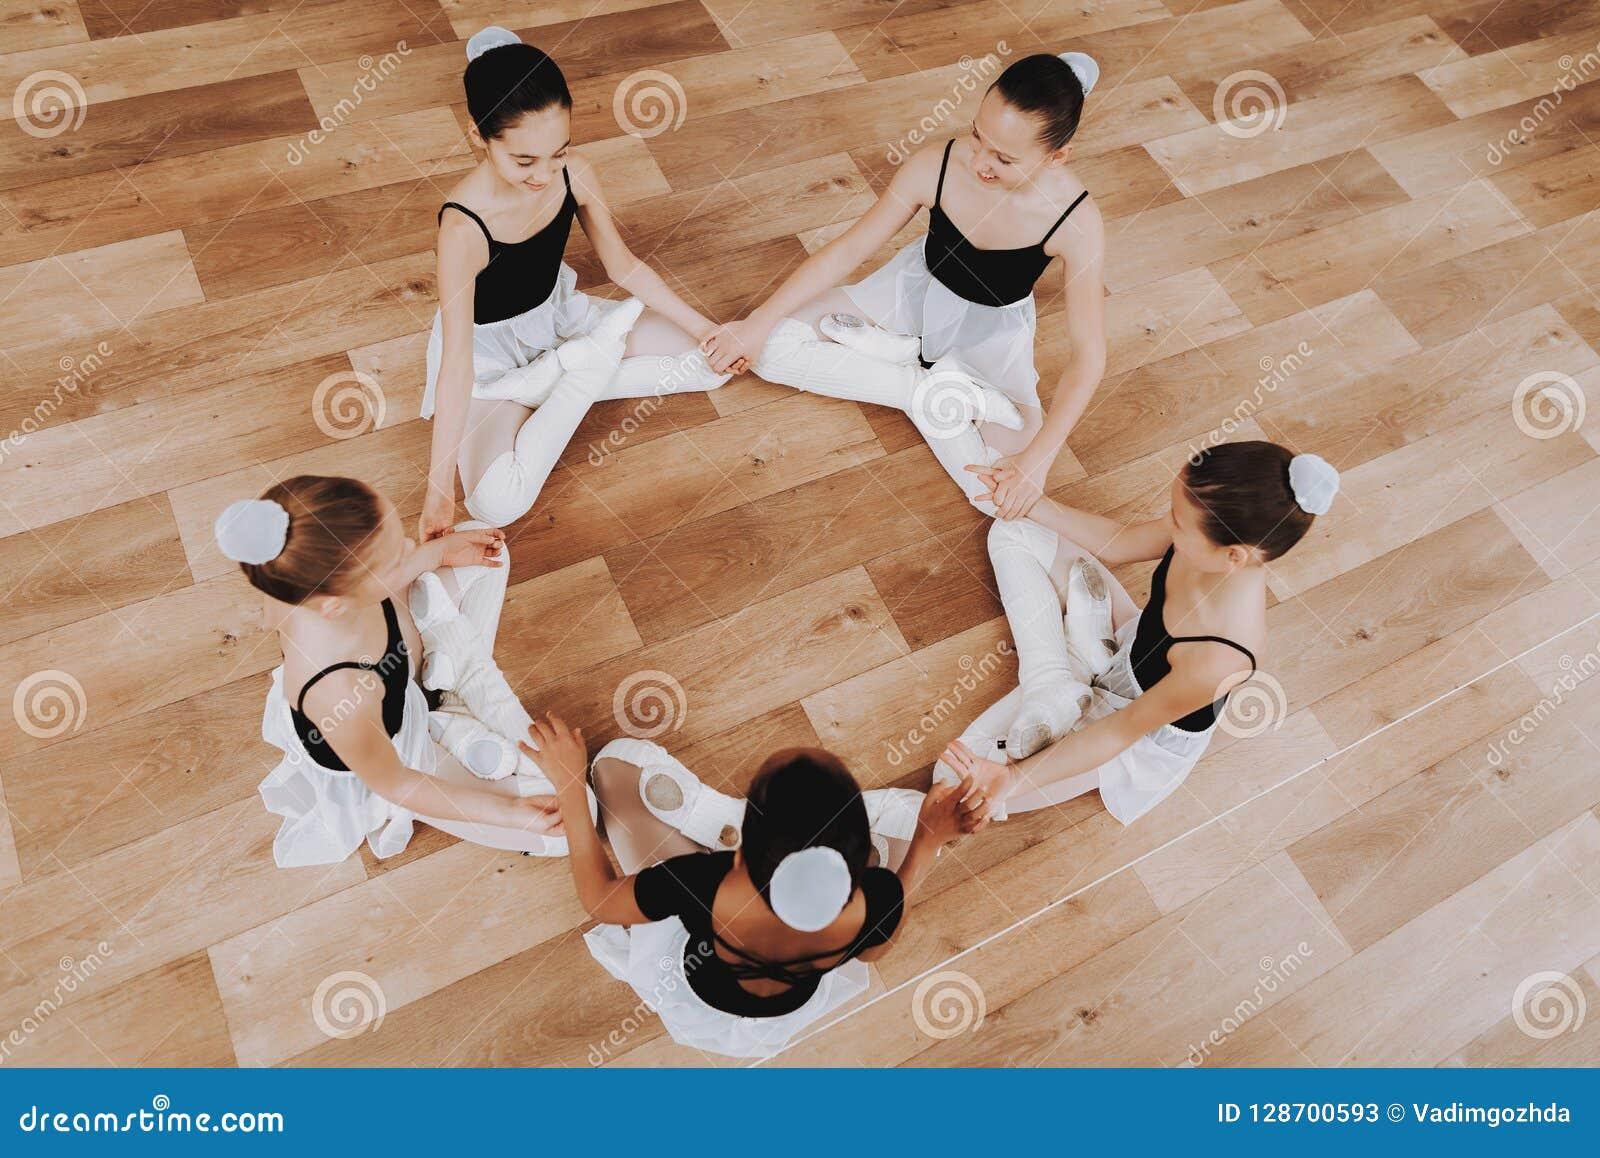 Formation de ballet du groupe de jeunes filles sur le plancher